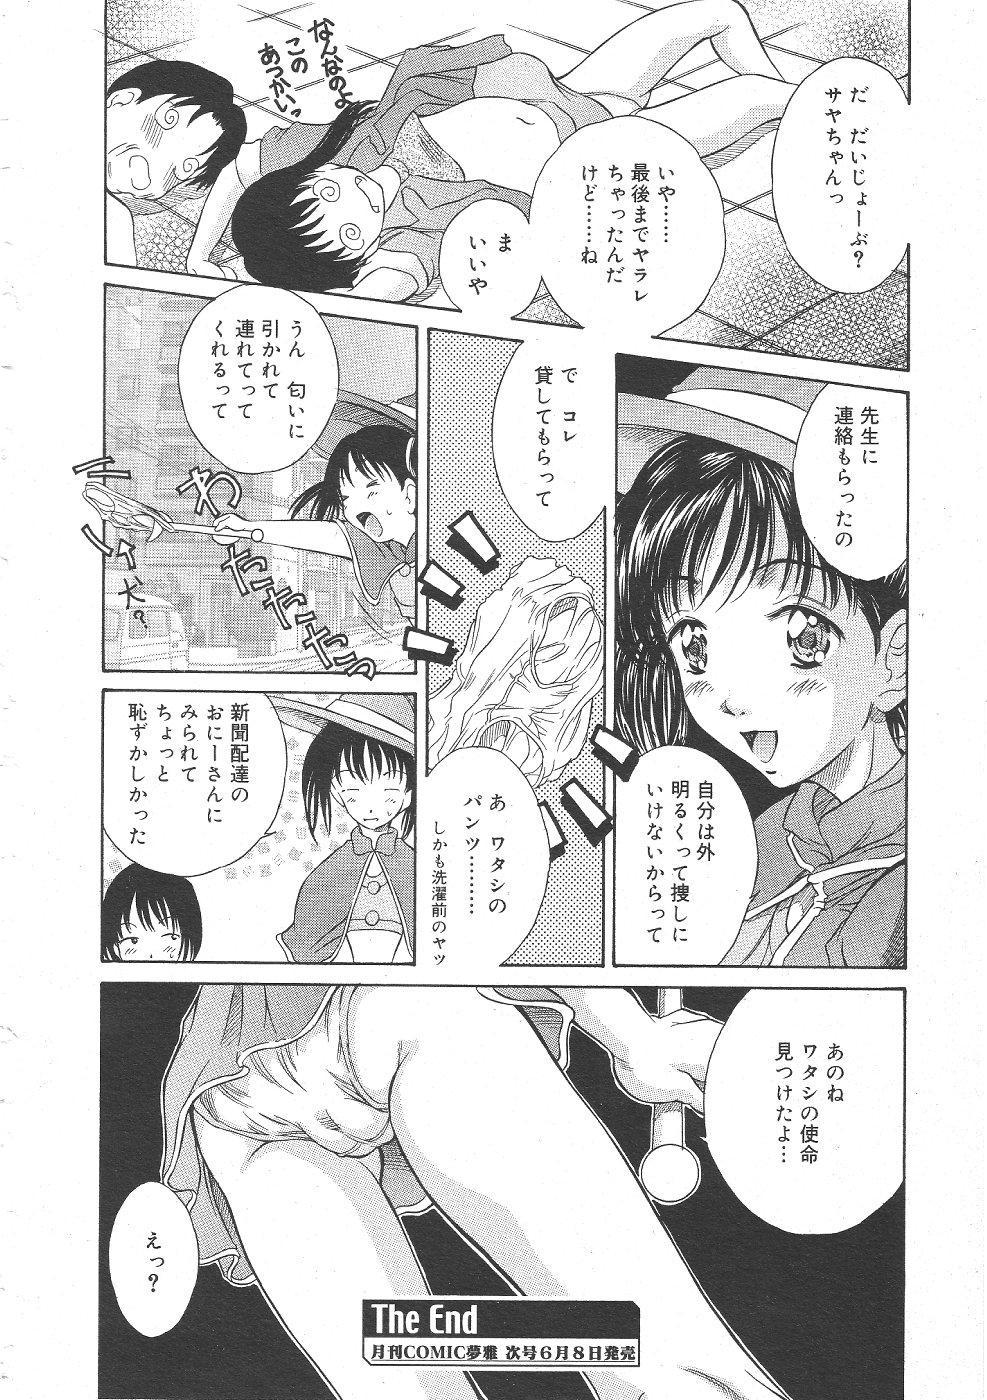 Gekkan Comic Muga 2004-06 Vol.10 131